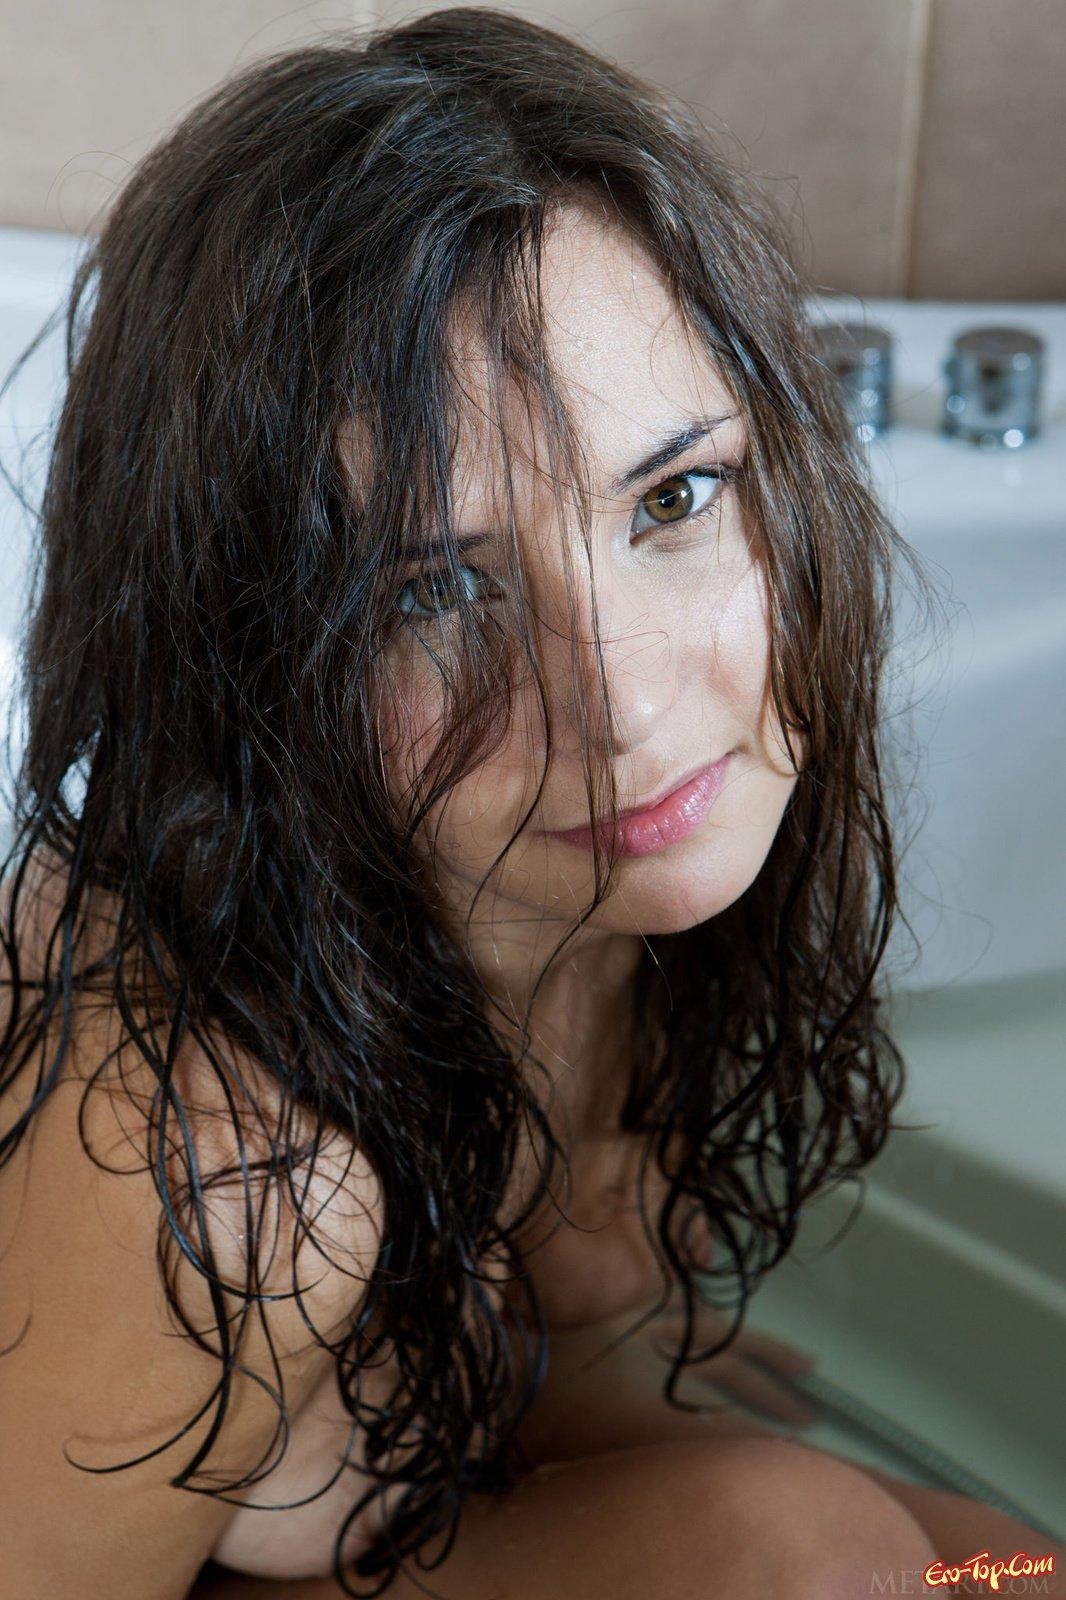 Стройная девушка показала голое тело в ванной